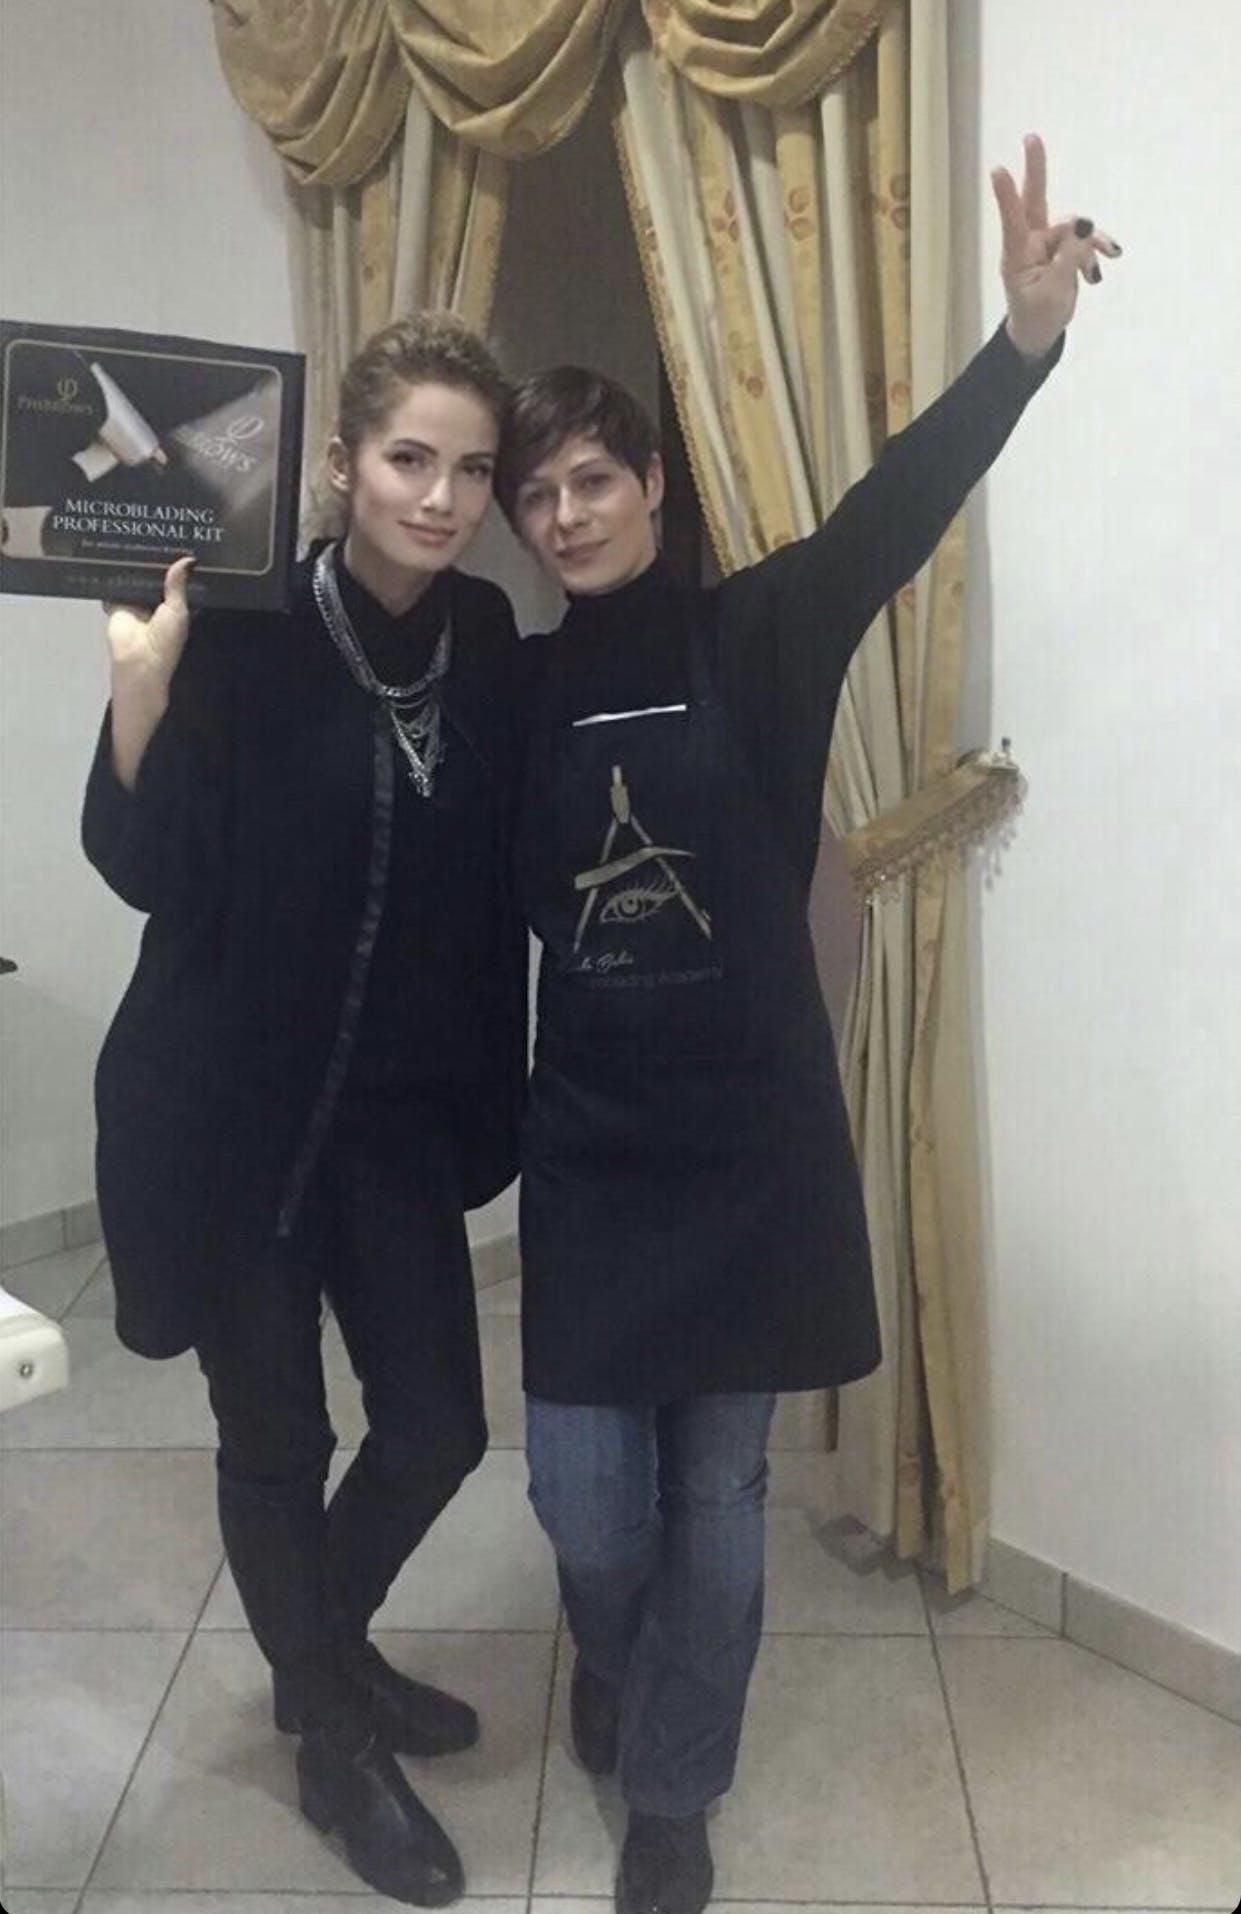 Ana and Zlata Kicin